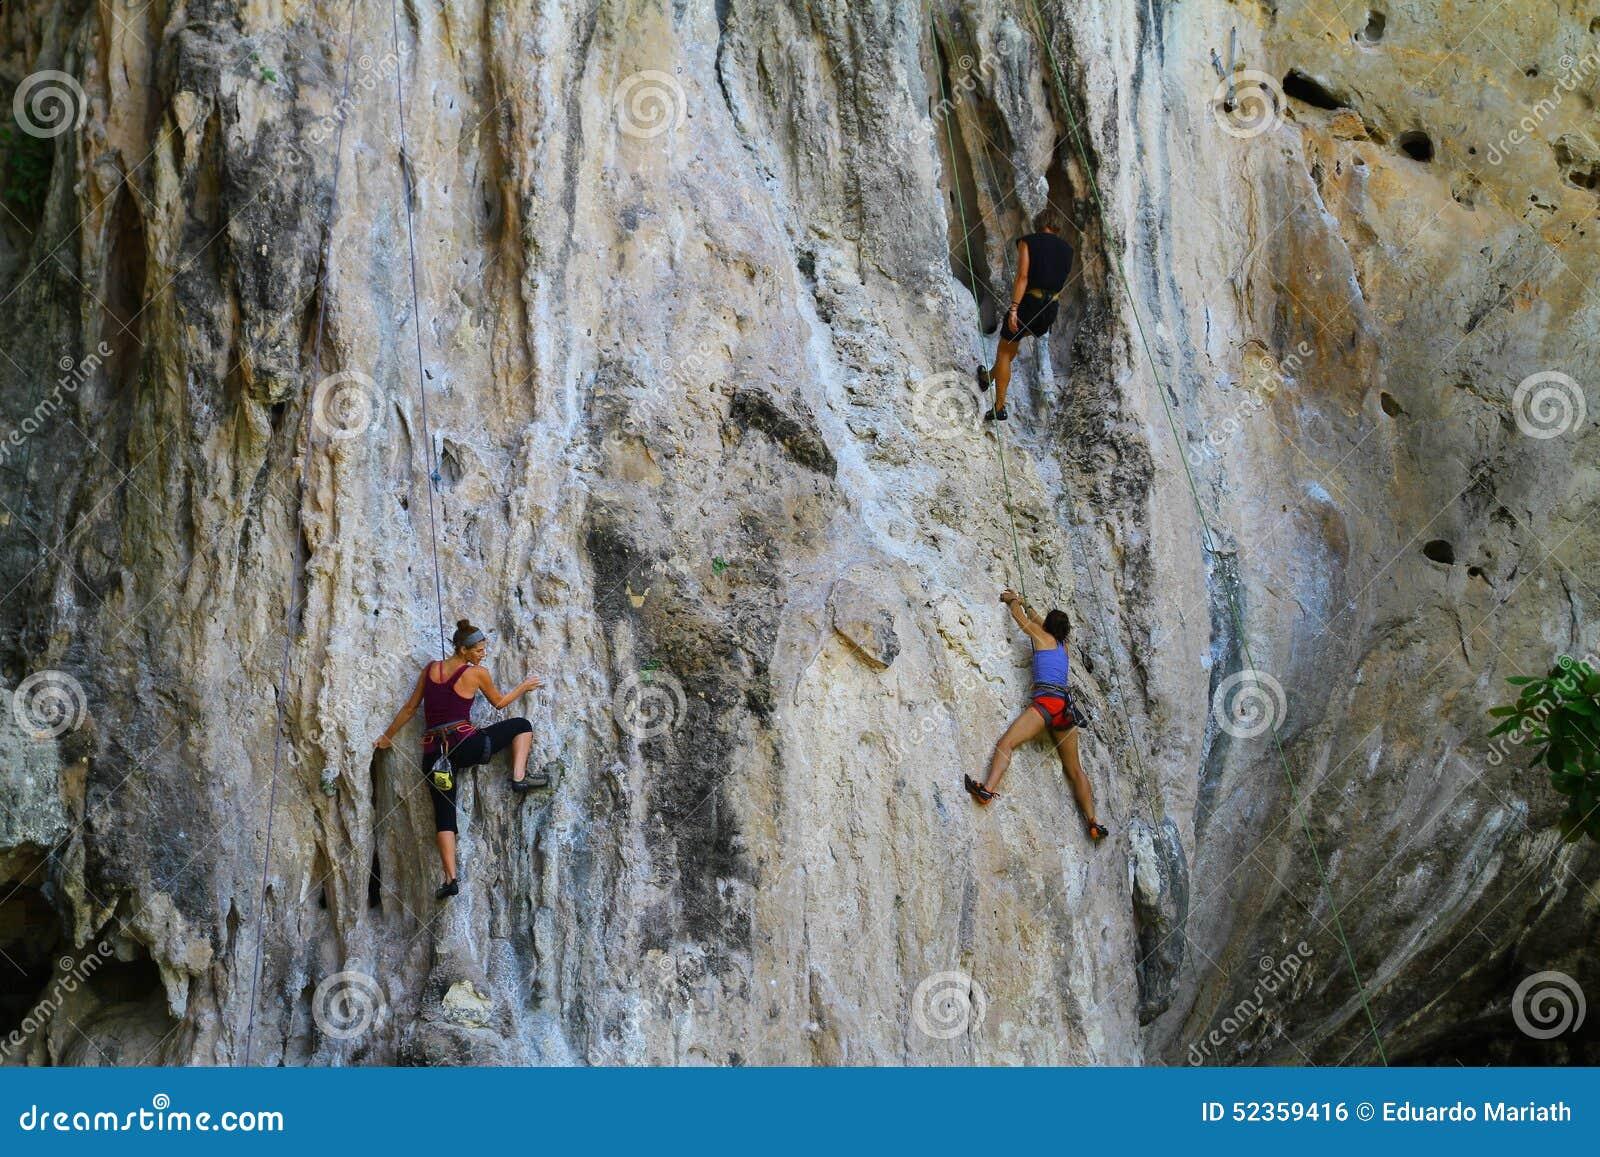 Gente clmbing una roca - Tailandia